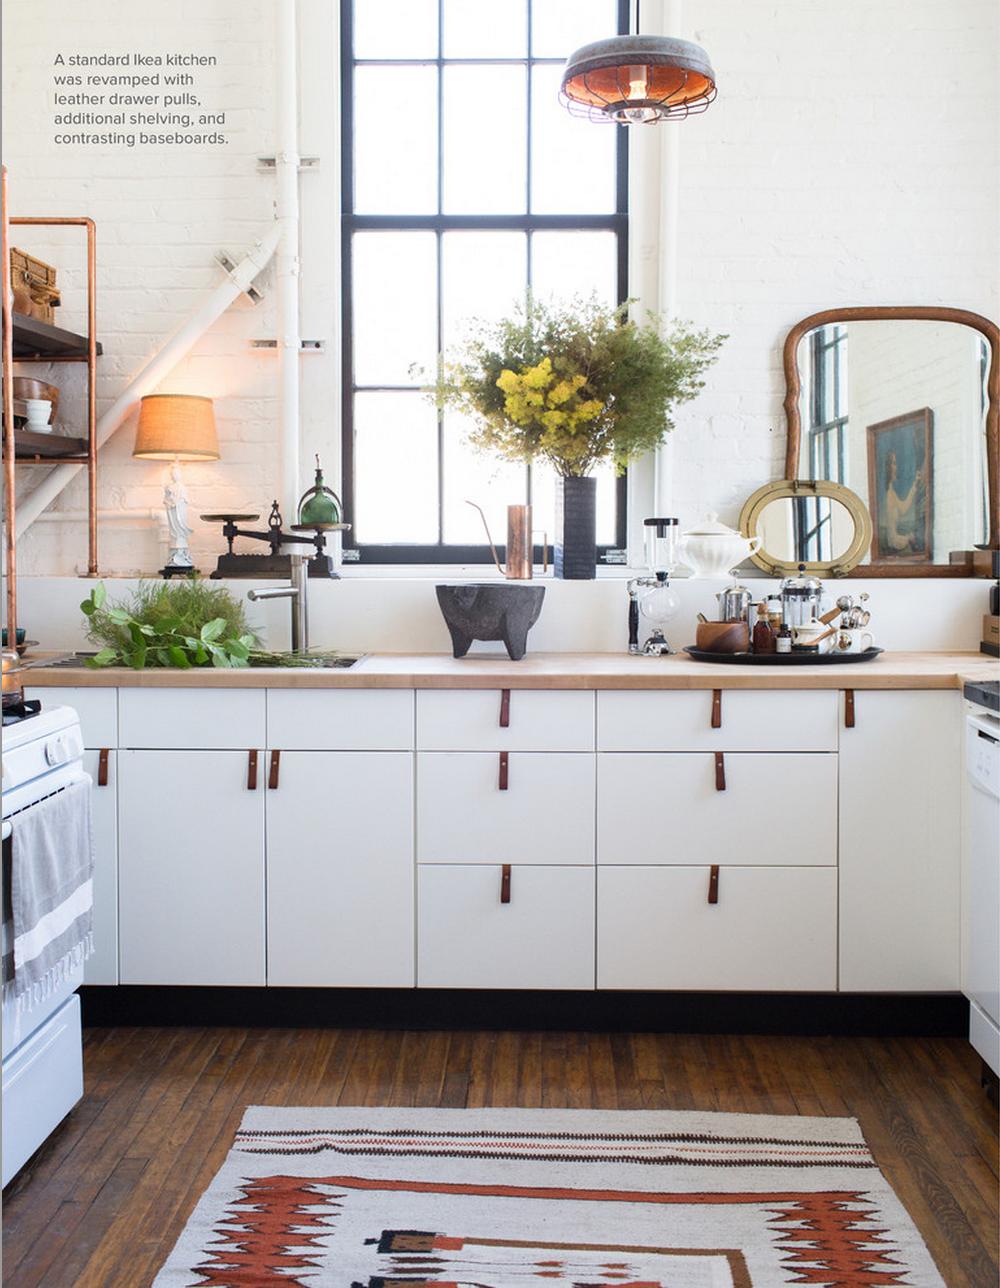 Pin von Annie Gall auf kitchens. | Pinterest